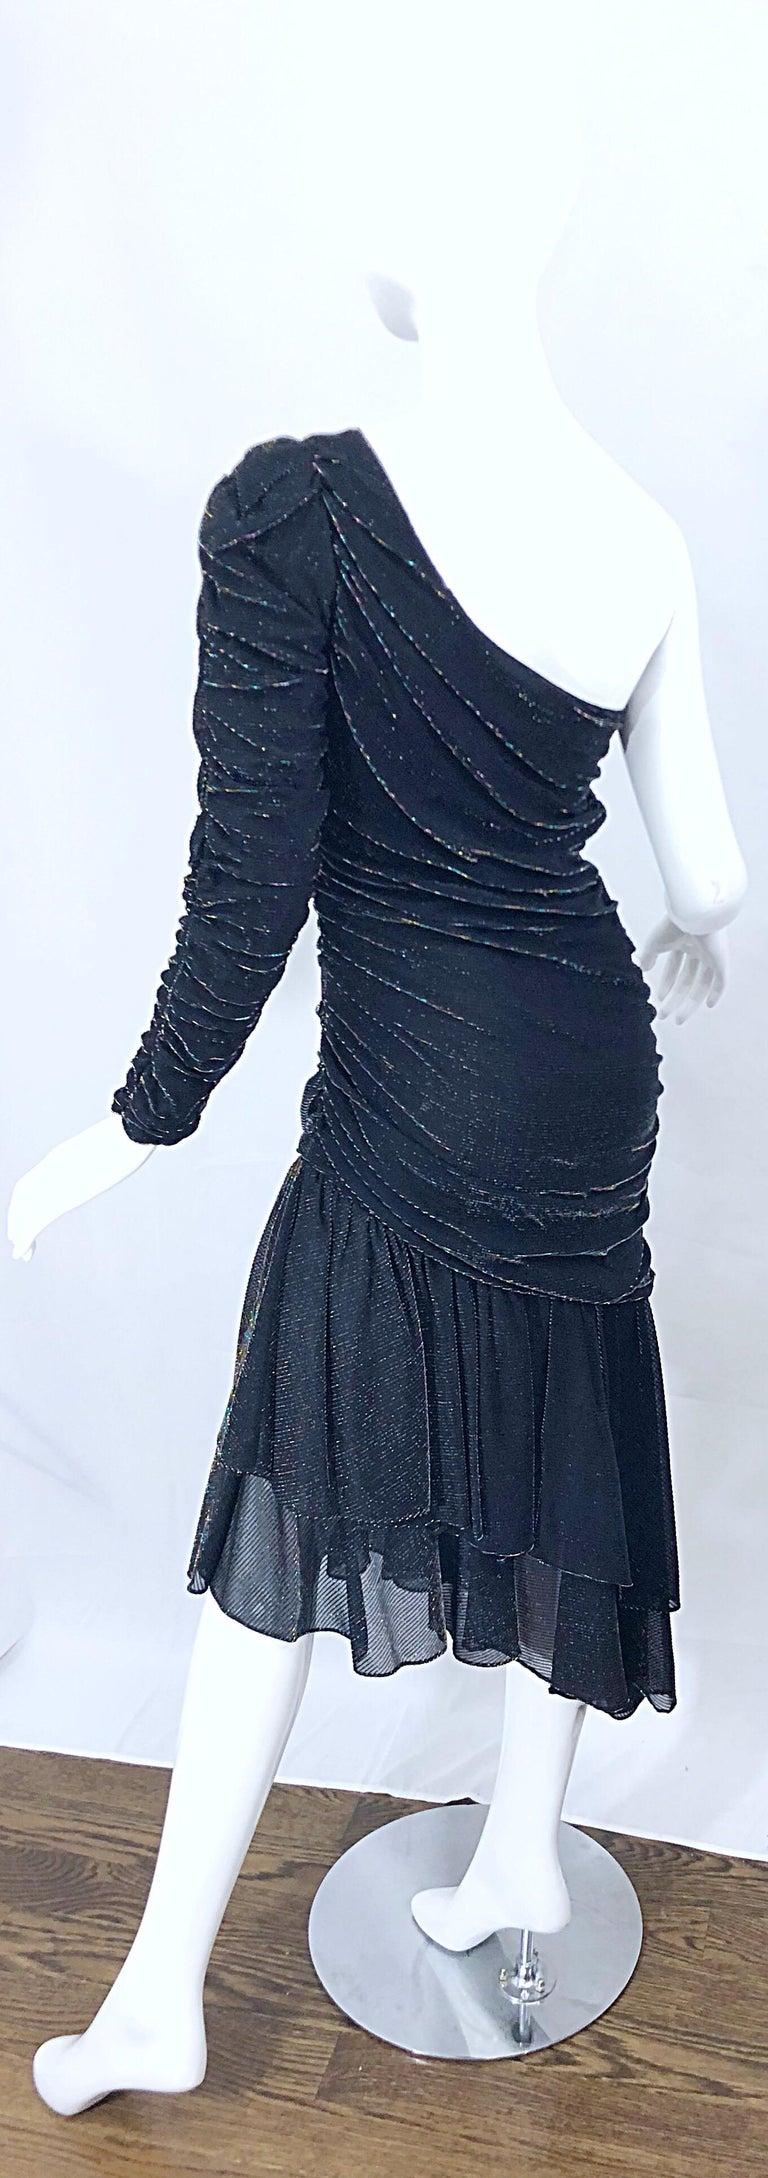 1980s Samir One Shoulder Black Metallic Rainbow Vintage 80s Cocktail Dress For Sale 8